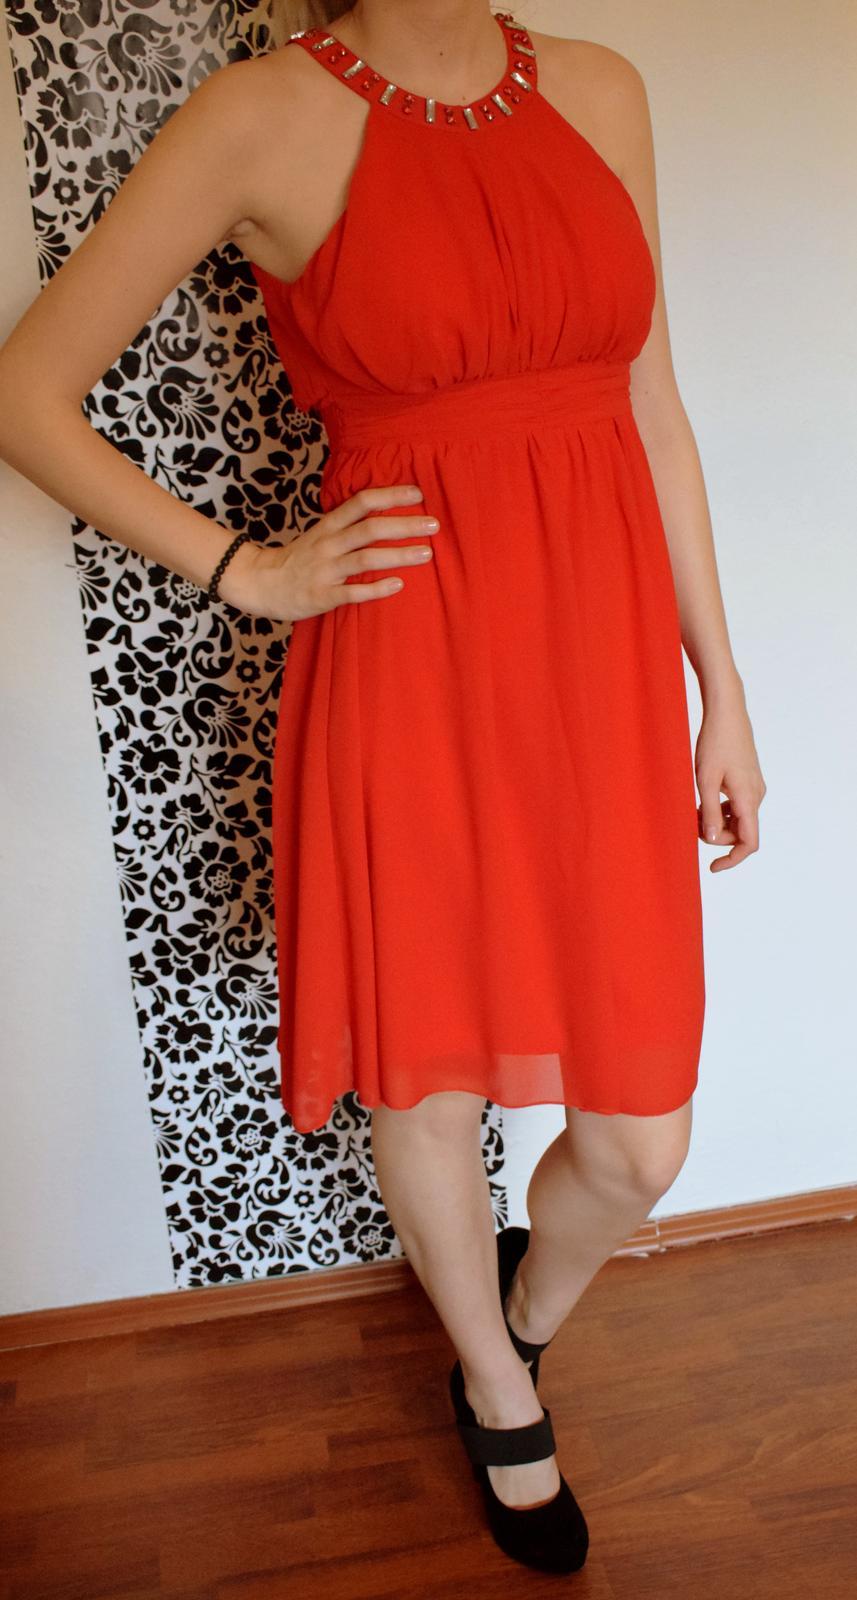 Spoločenské šaty krátke červené S / 36 - Obrázok č. 1